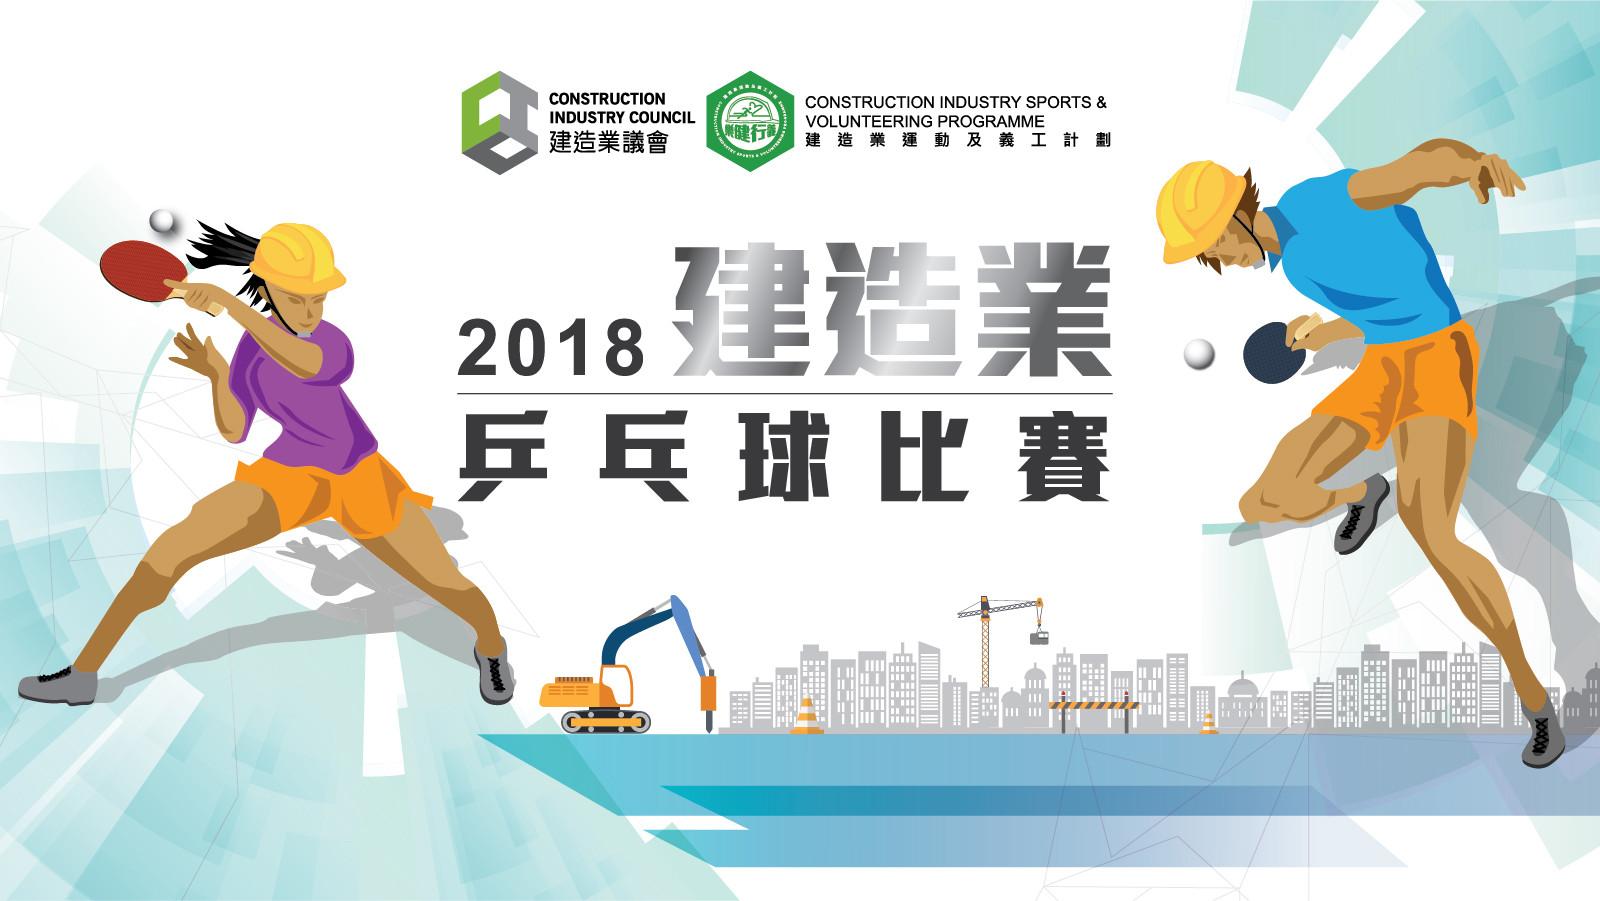 2018建造業乒乓球比賽